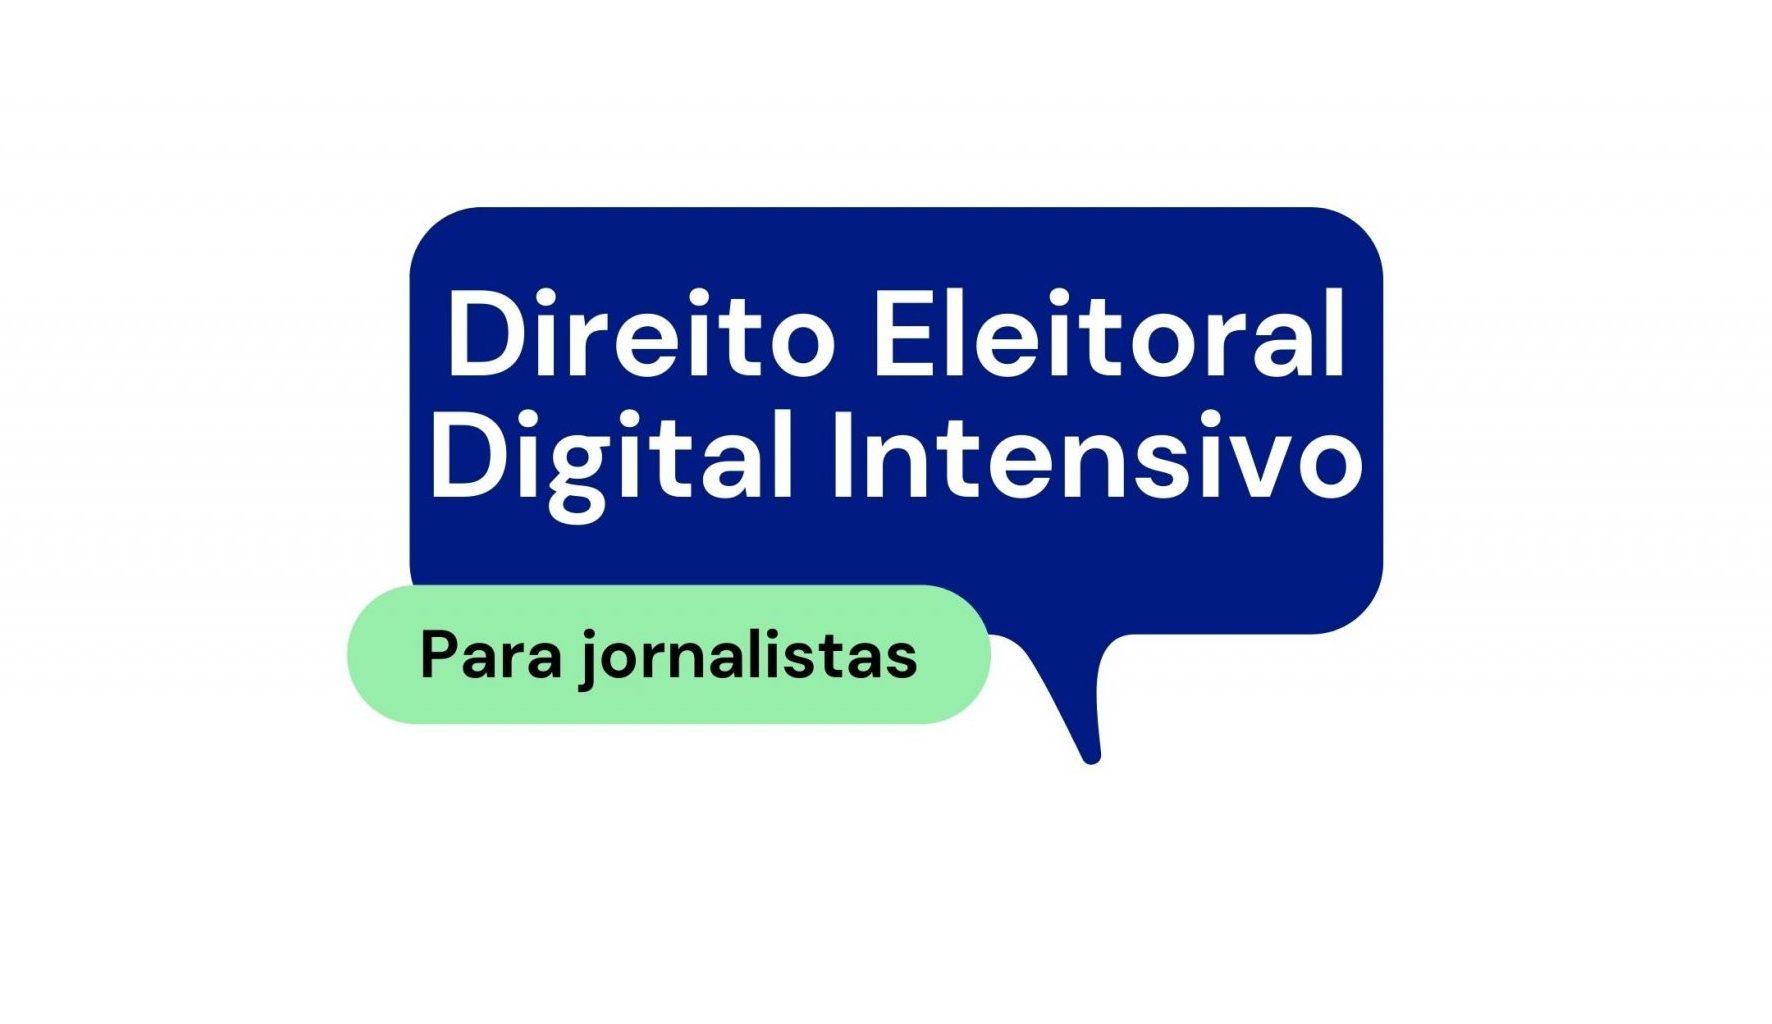 Curso de Direito Eleitoral Digital para Jornalistas